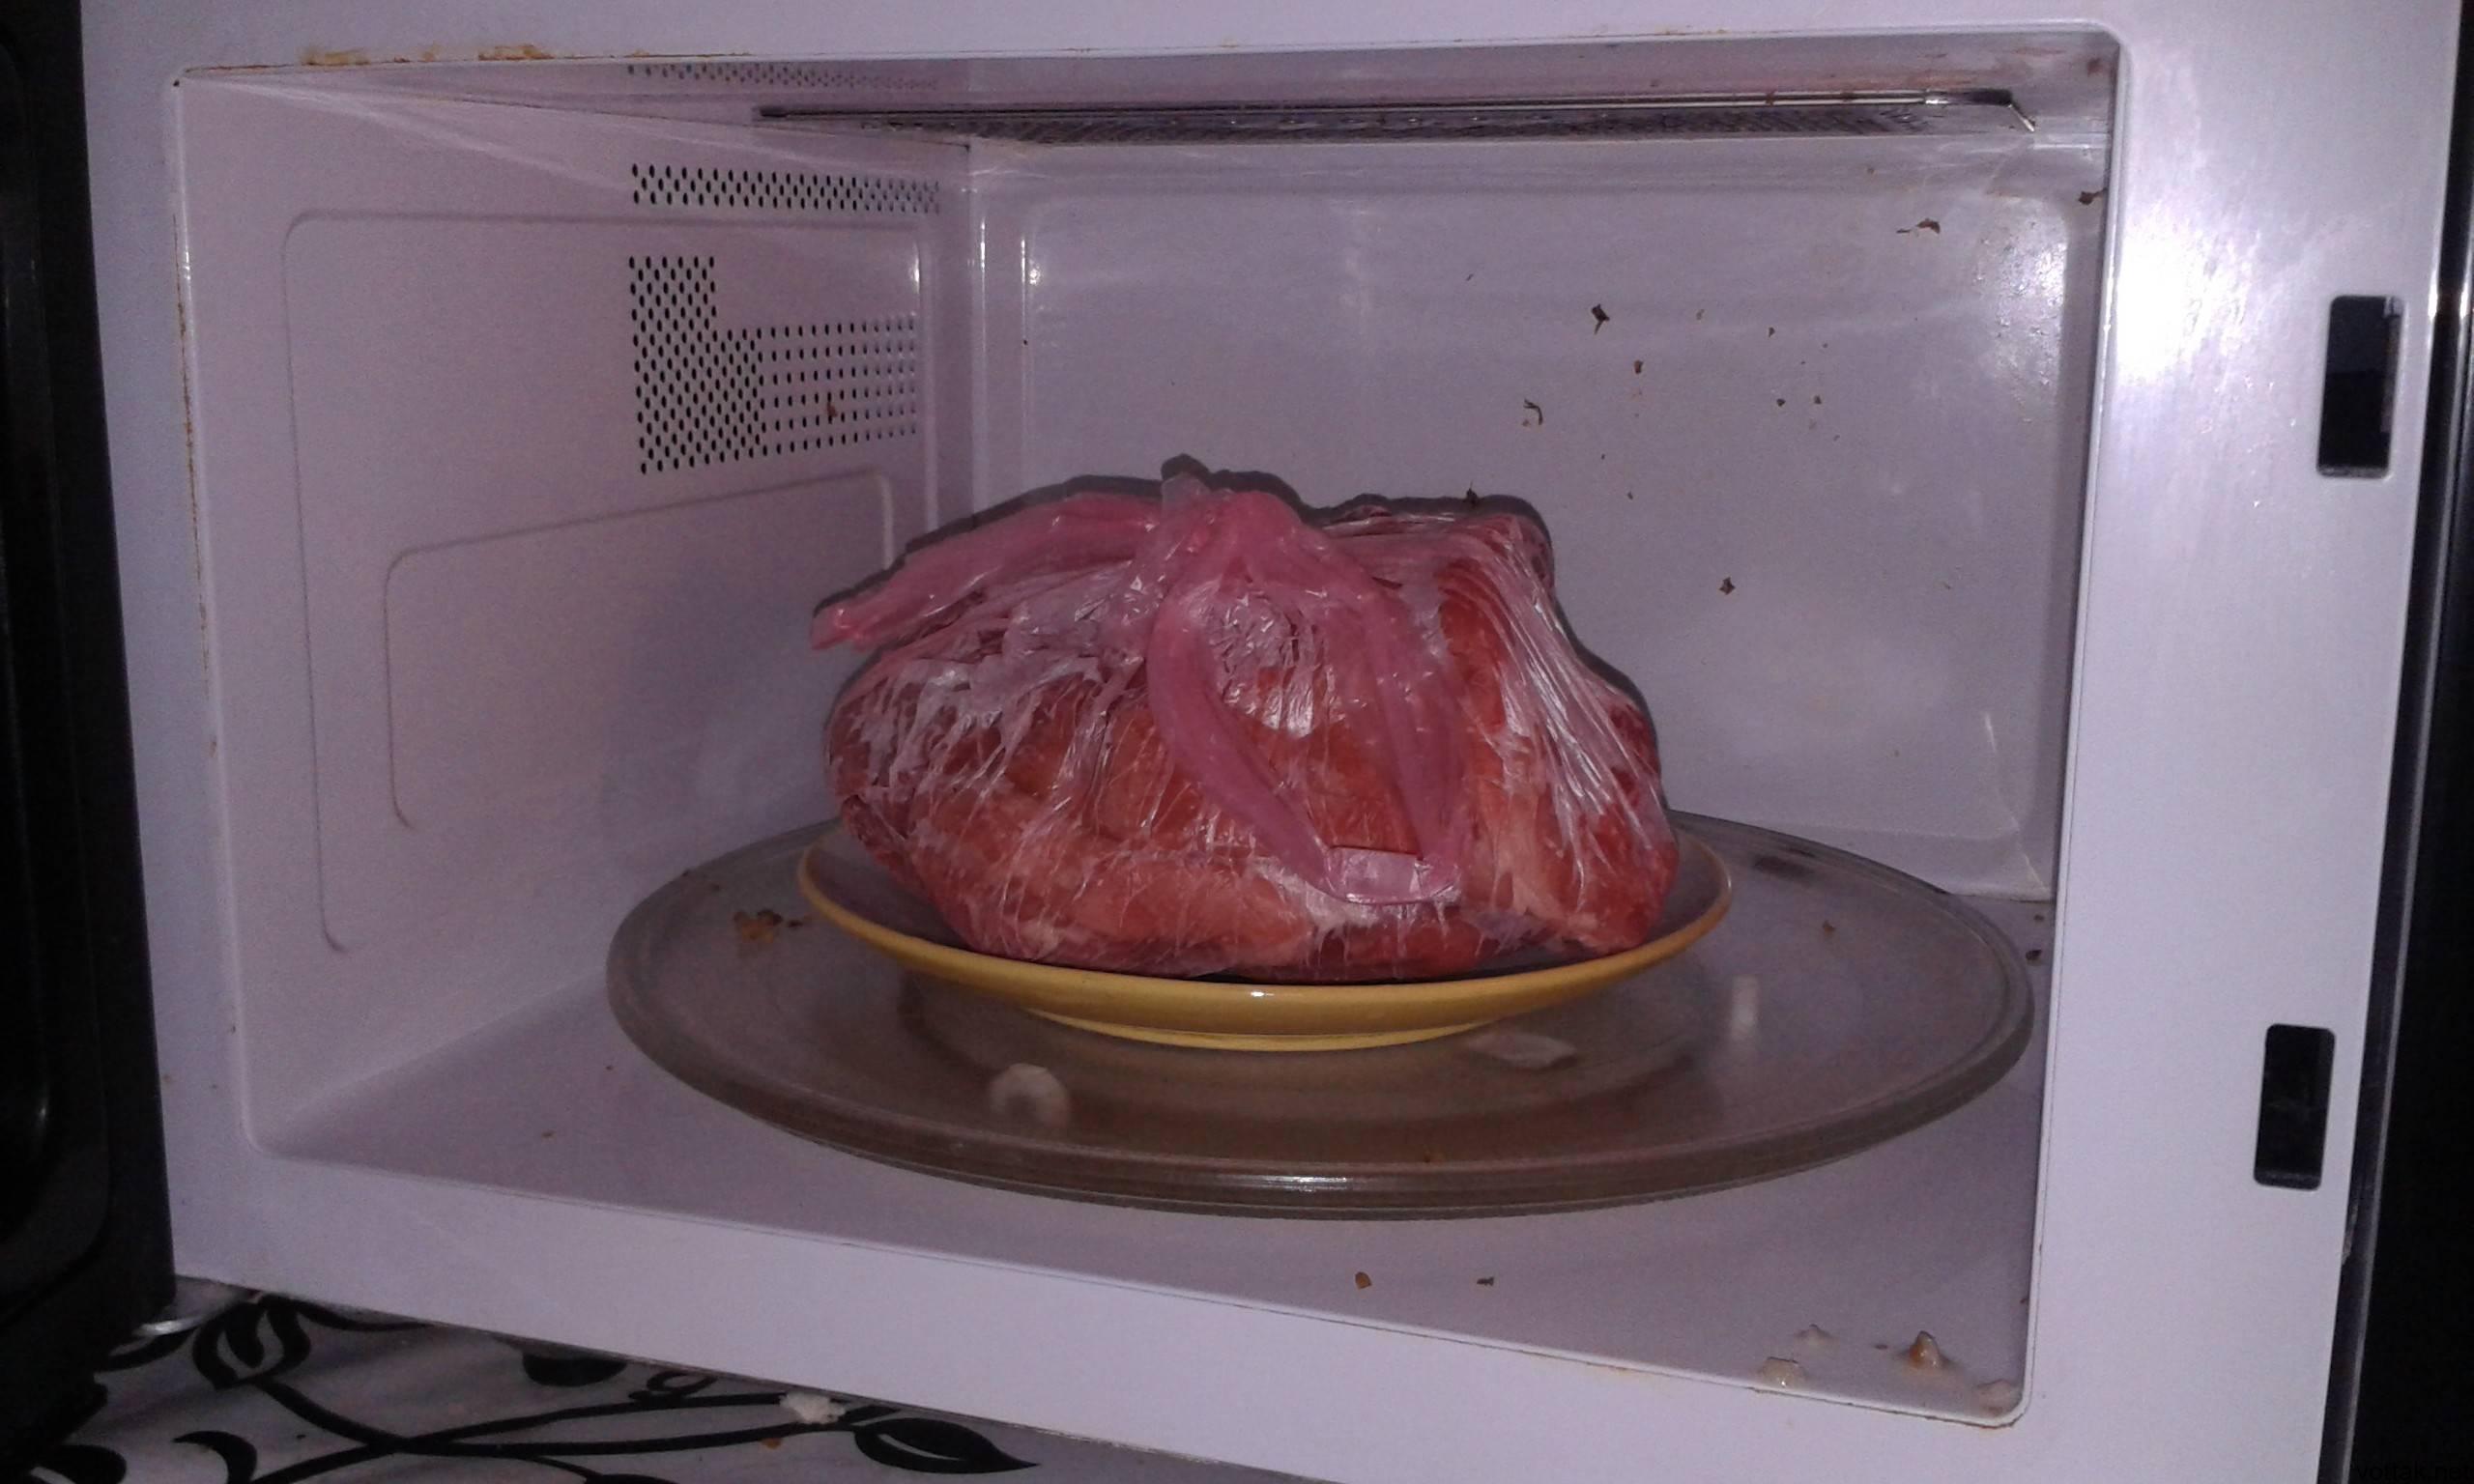 Как быстро разморозить курицу: способы разморозки в домашних условиях